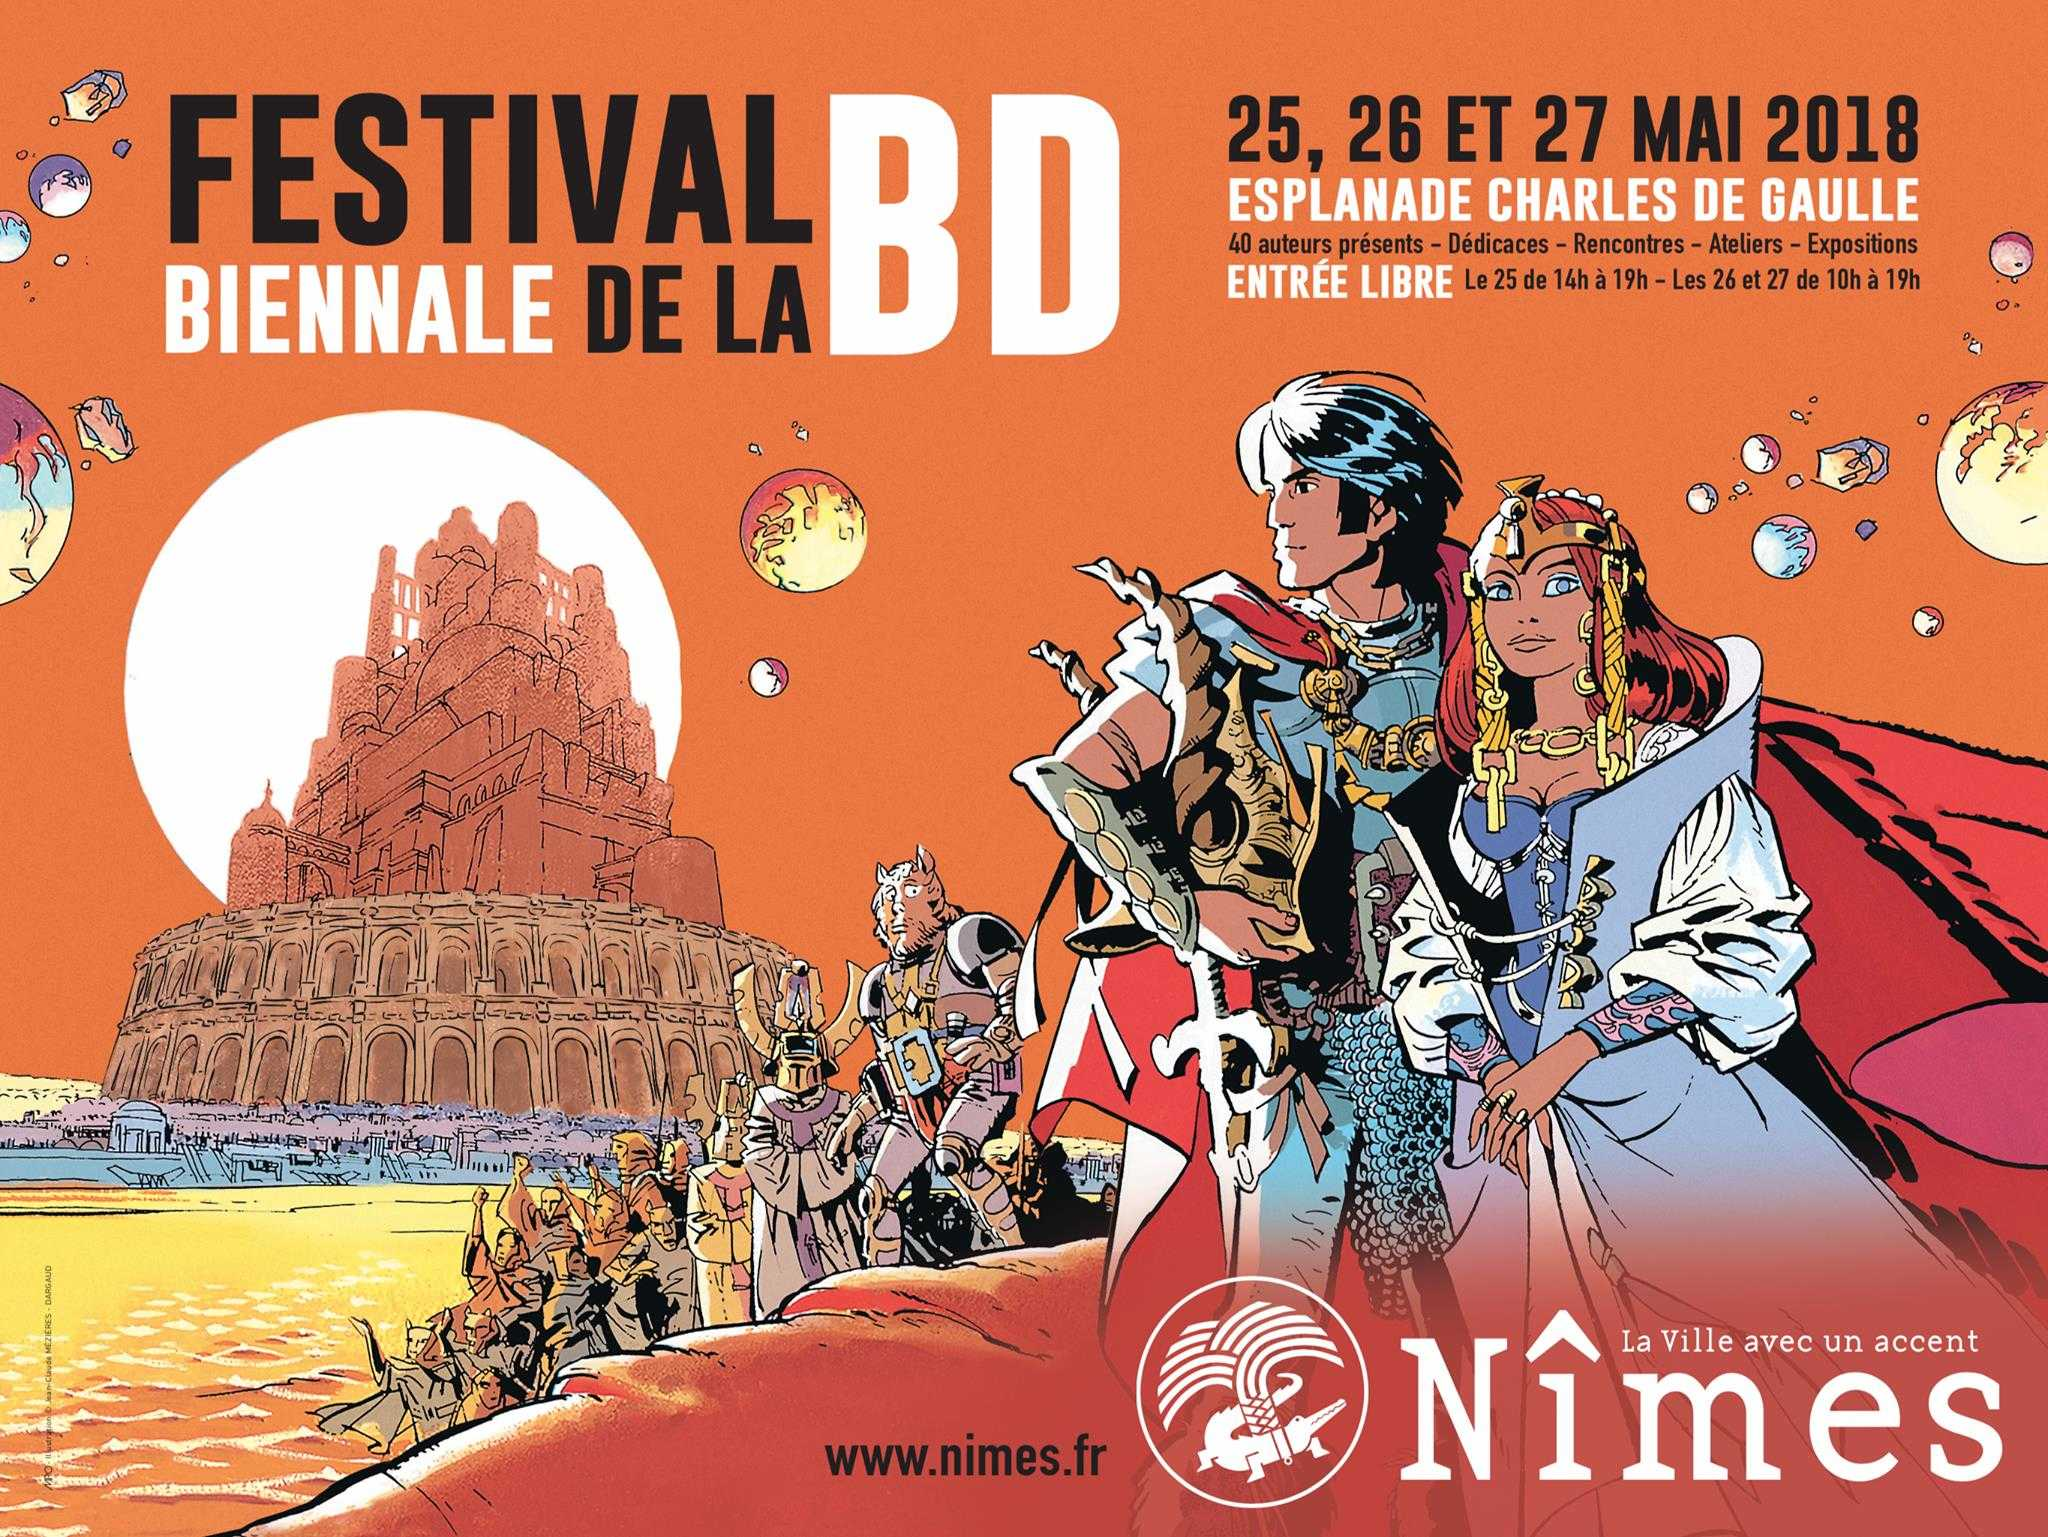 Jean-Claude Mézières parrain de la Biennale BD de Nîmes 2018 les 25, 26 et 27 mai